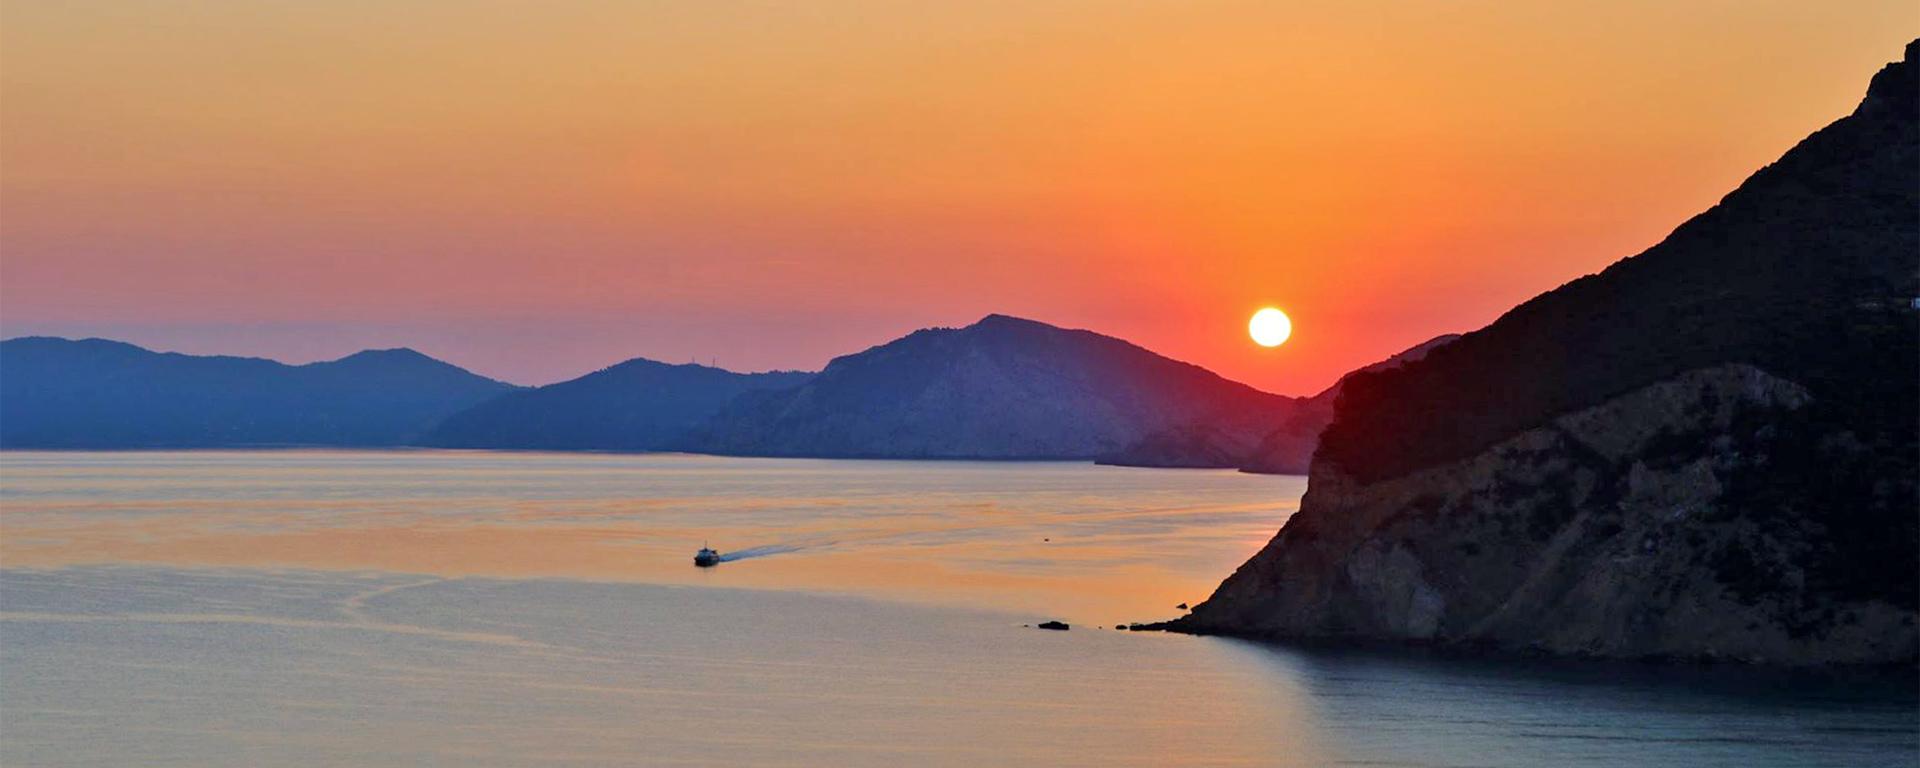 Enjoy the Sunrise